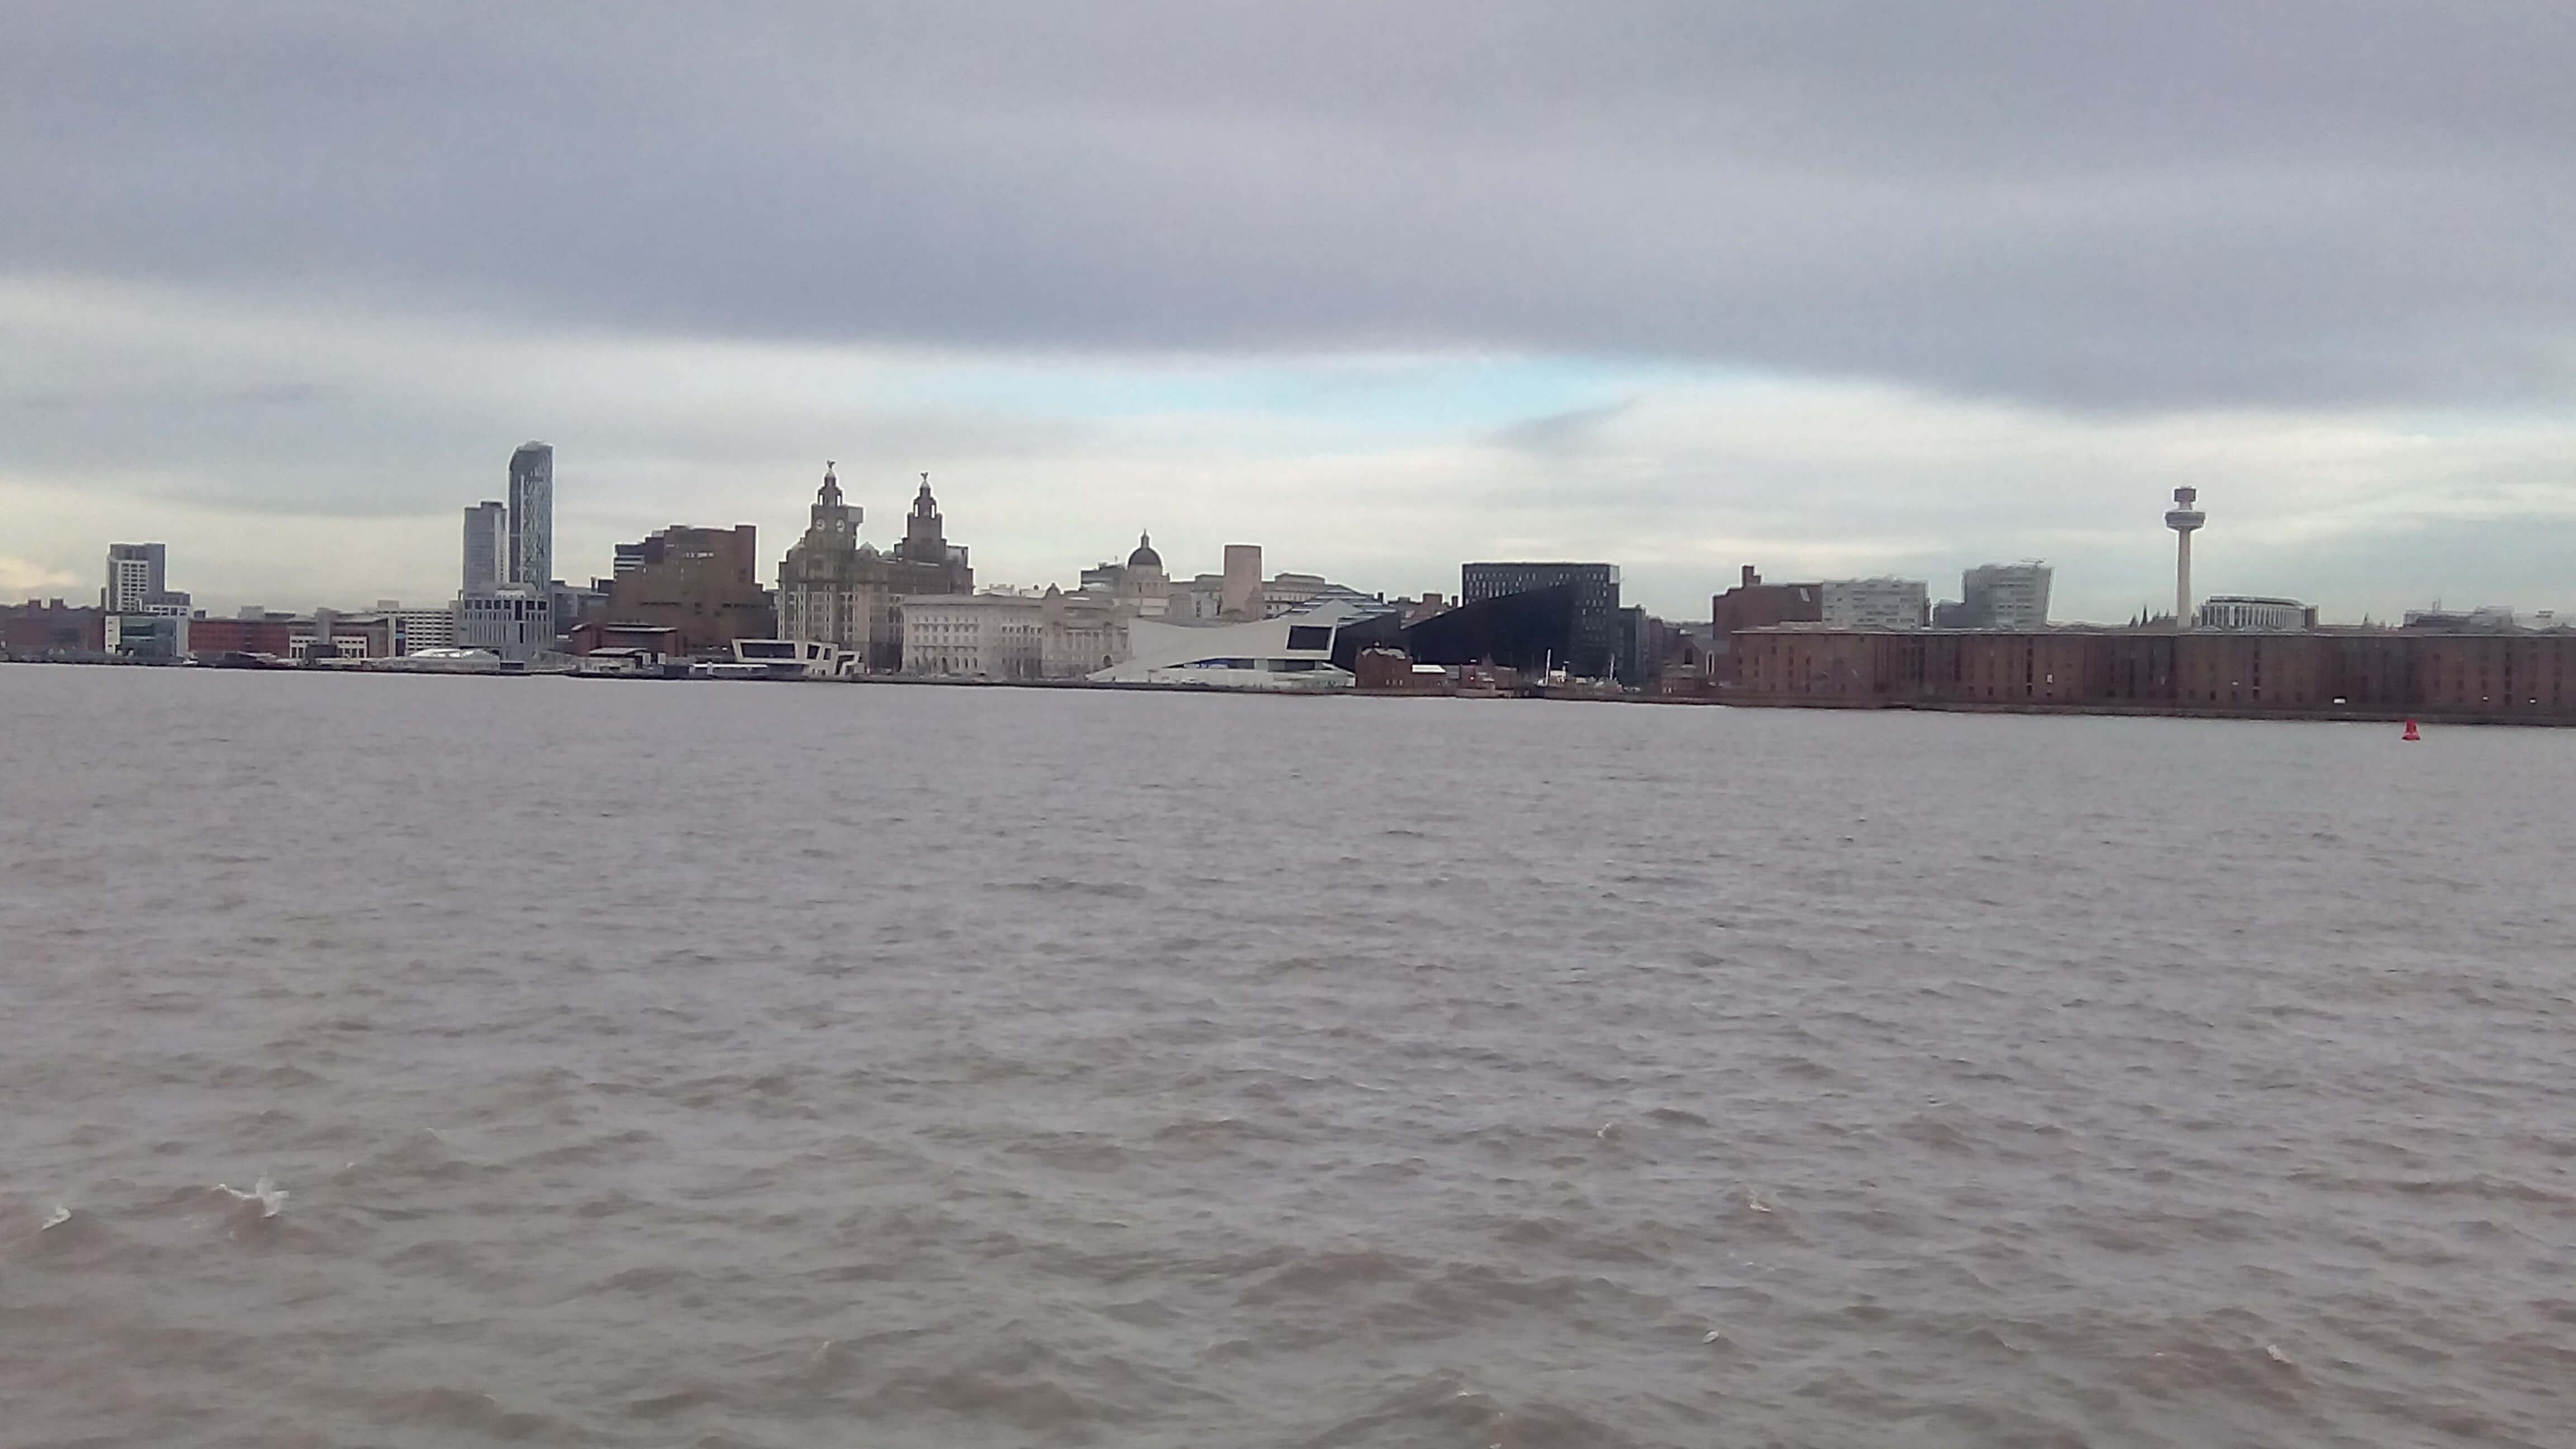 Вид на Ливерпуль с судна с реки